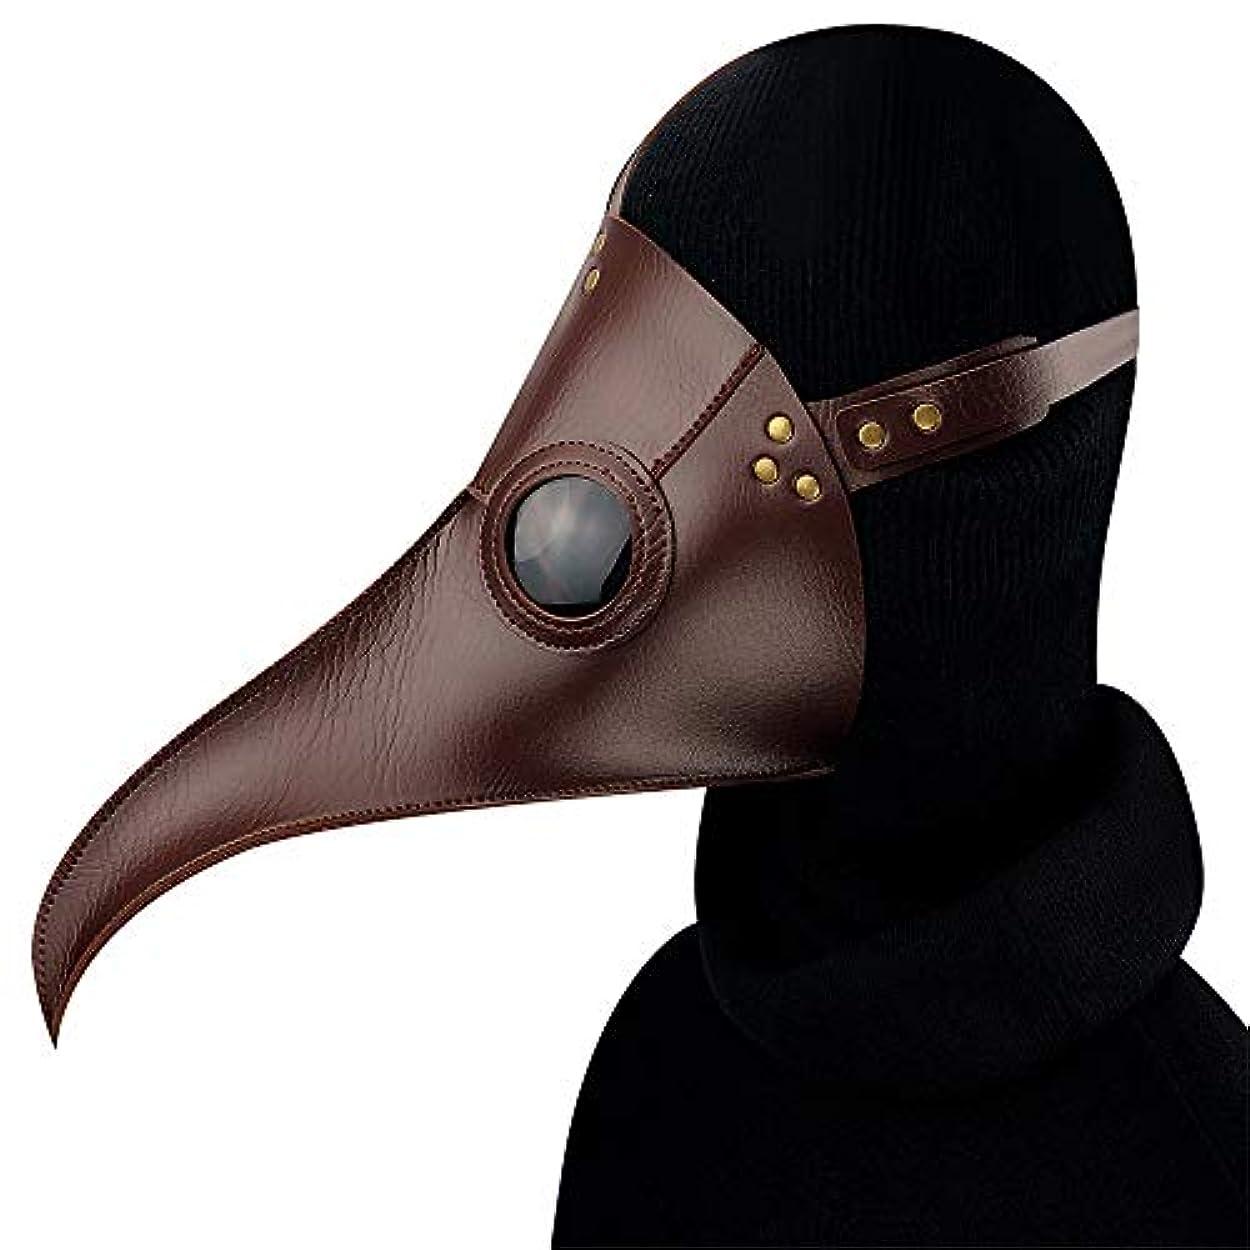 特異なお肉関数ブラウンスチームパンクペストロングバード口マスクハロウィンプロップギフトロング鼻バードマスク